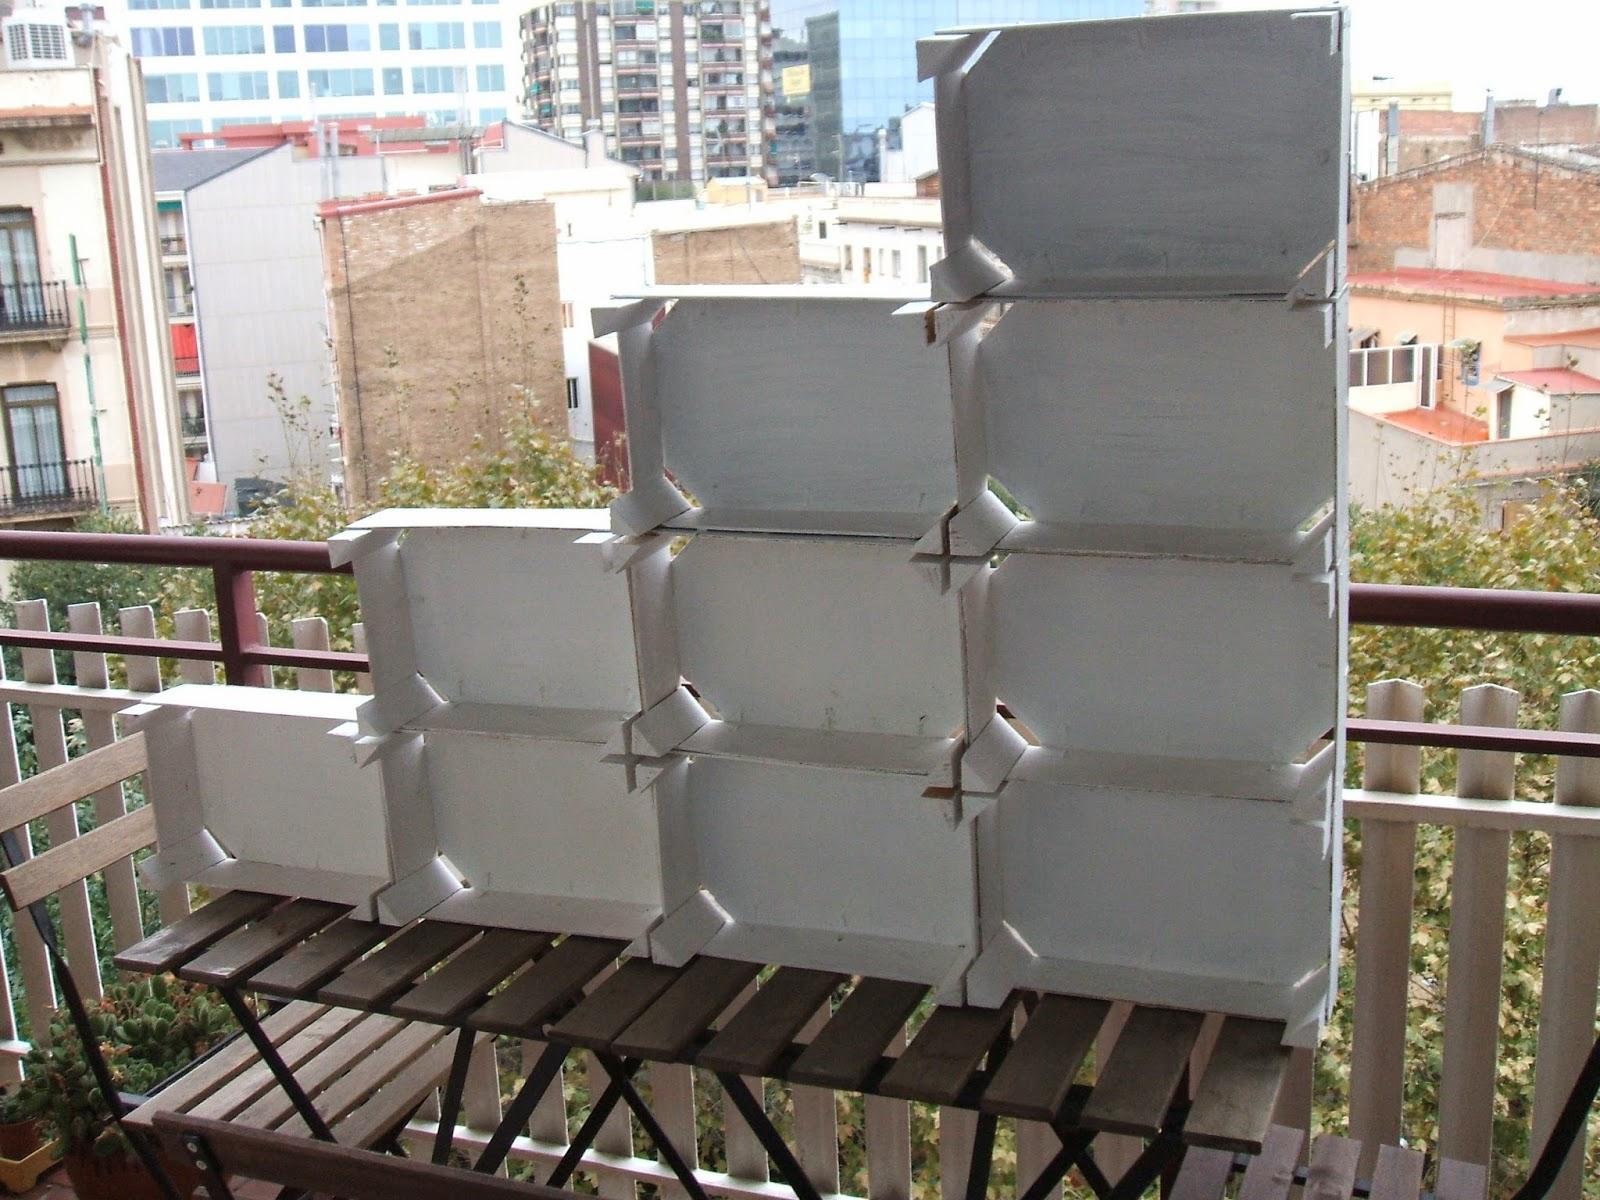 Caja fruta aprender manualidades es - Manualidades con cajas de frutas ...